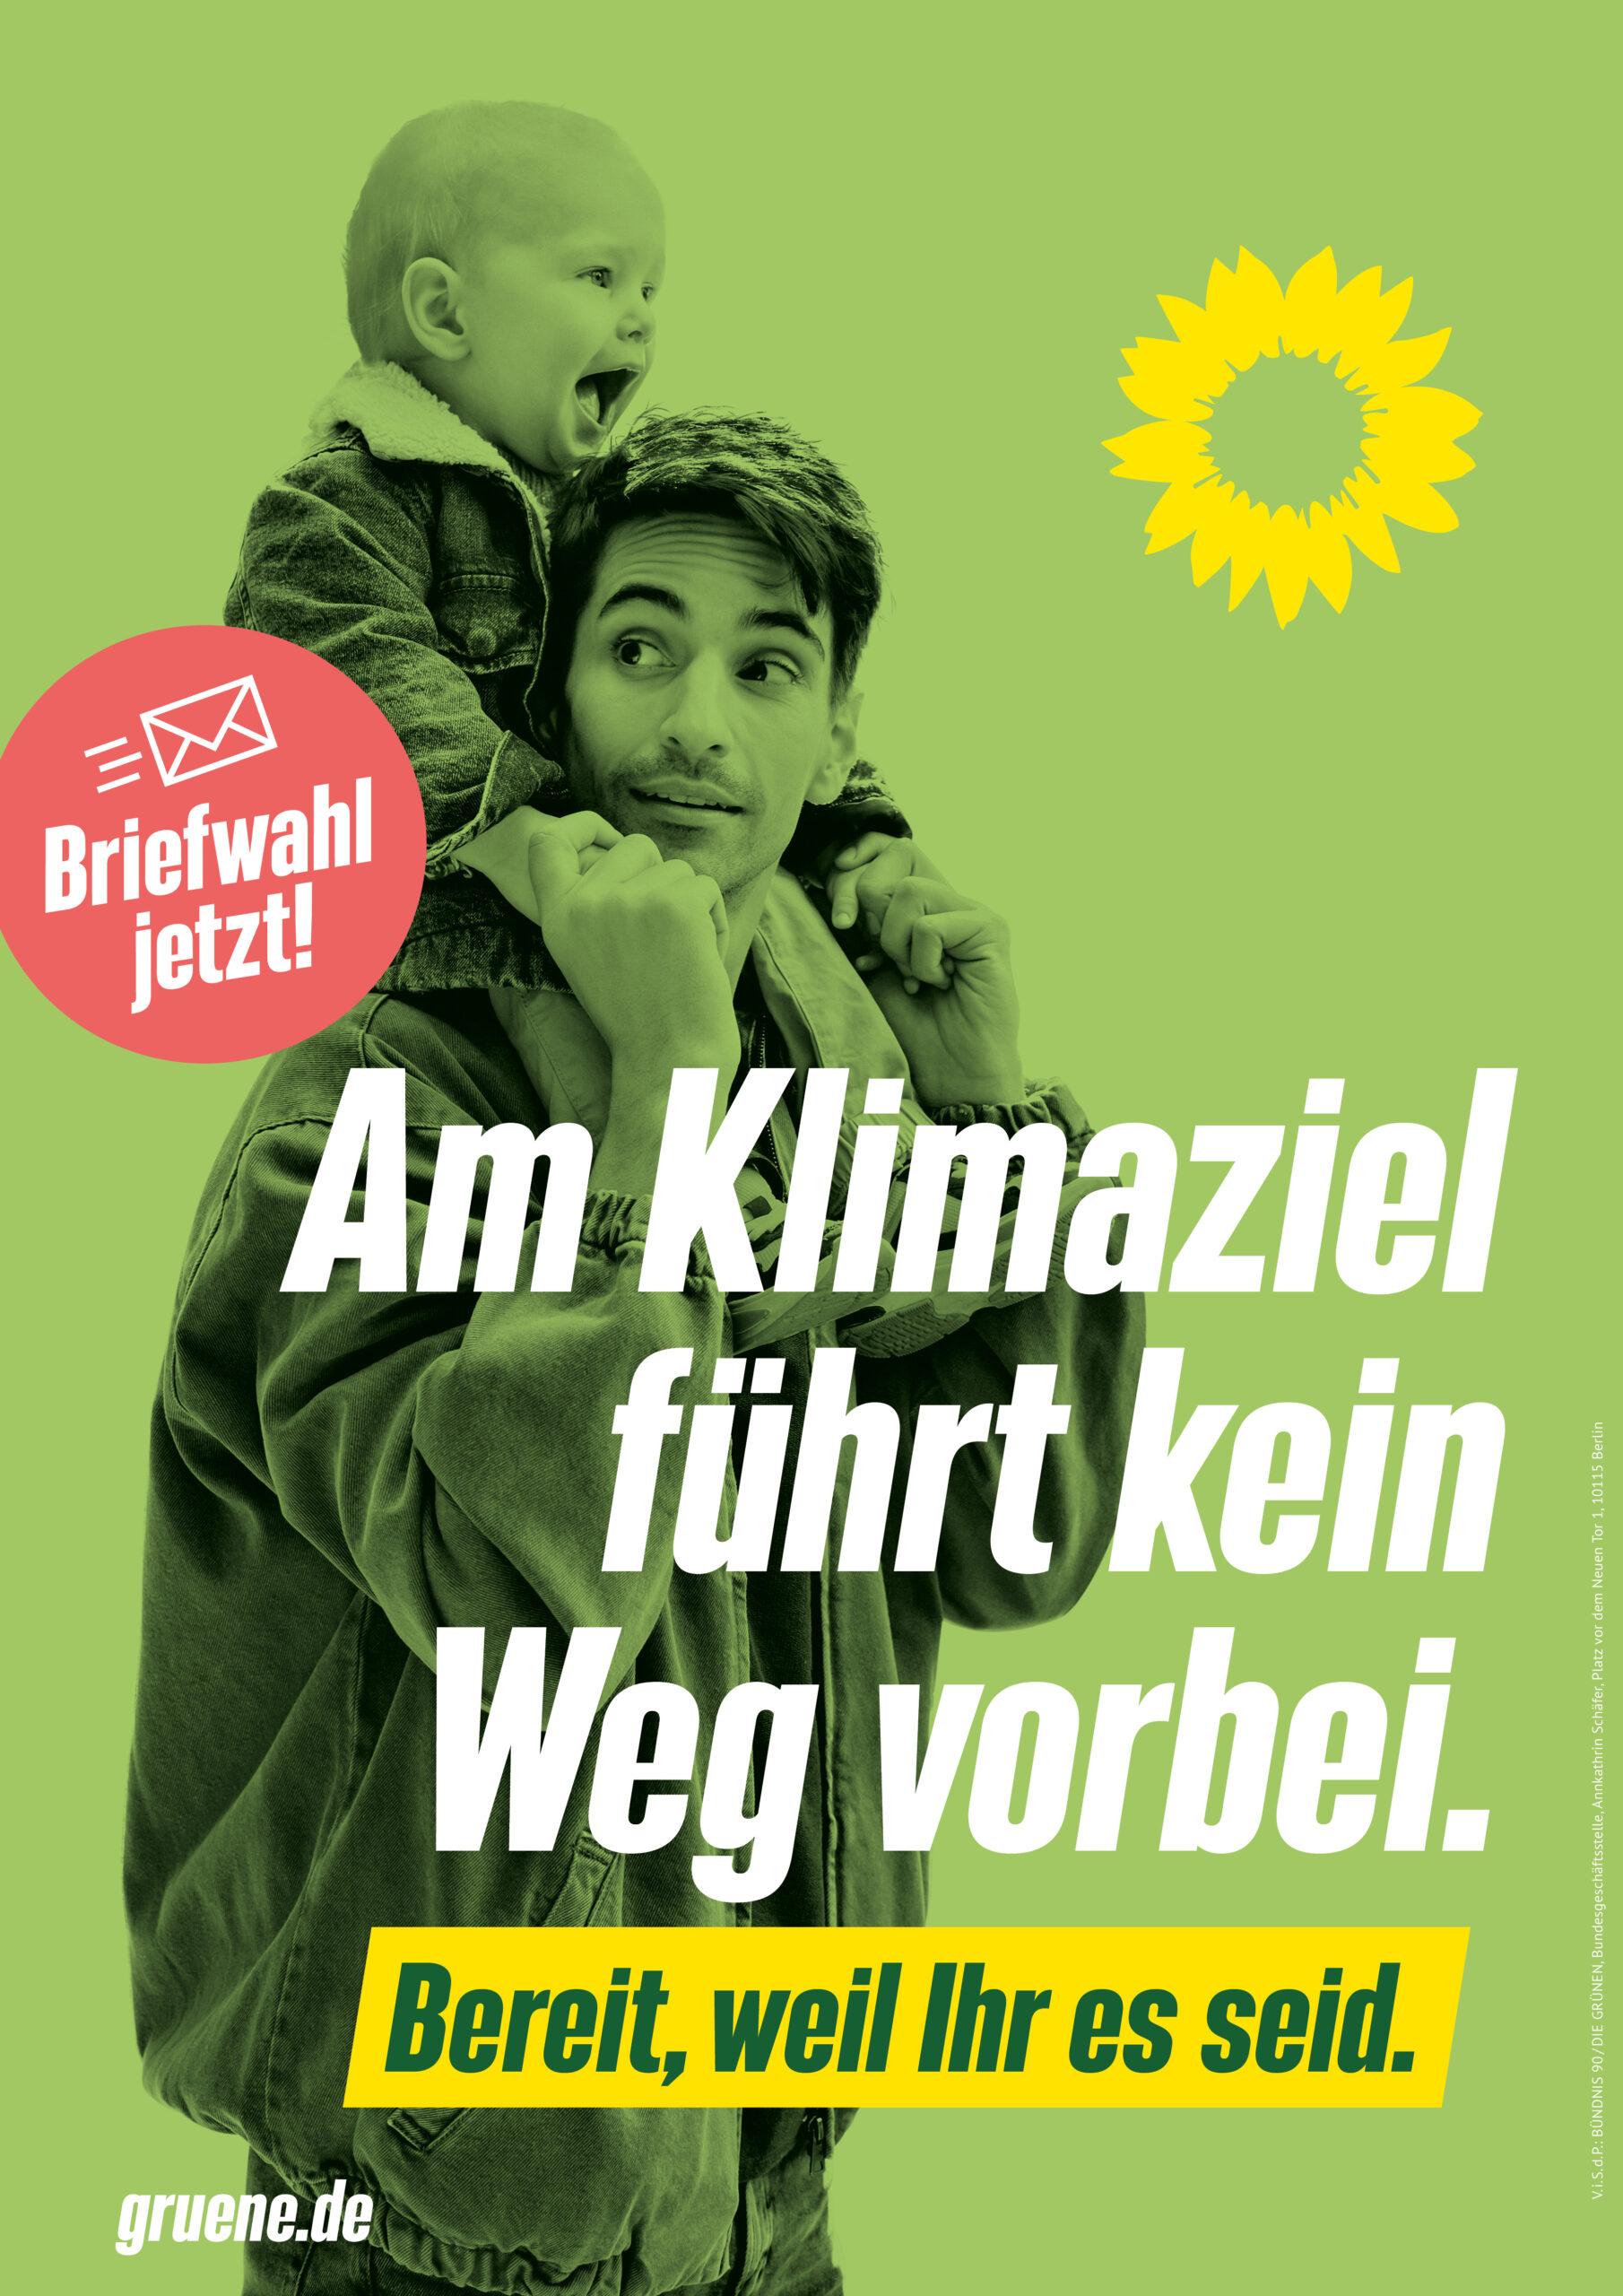 So machen wir GRÜNE Deutschland klimafreundlich!